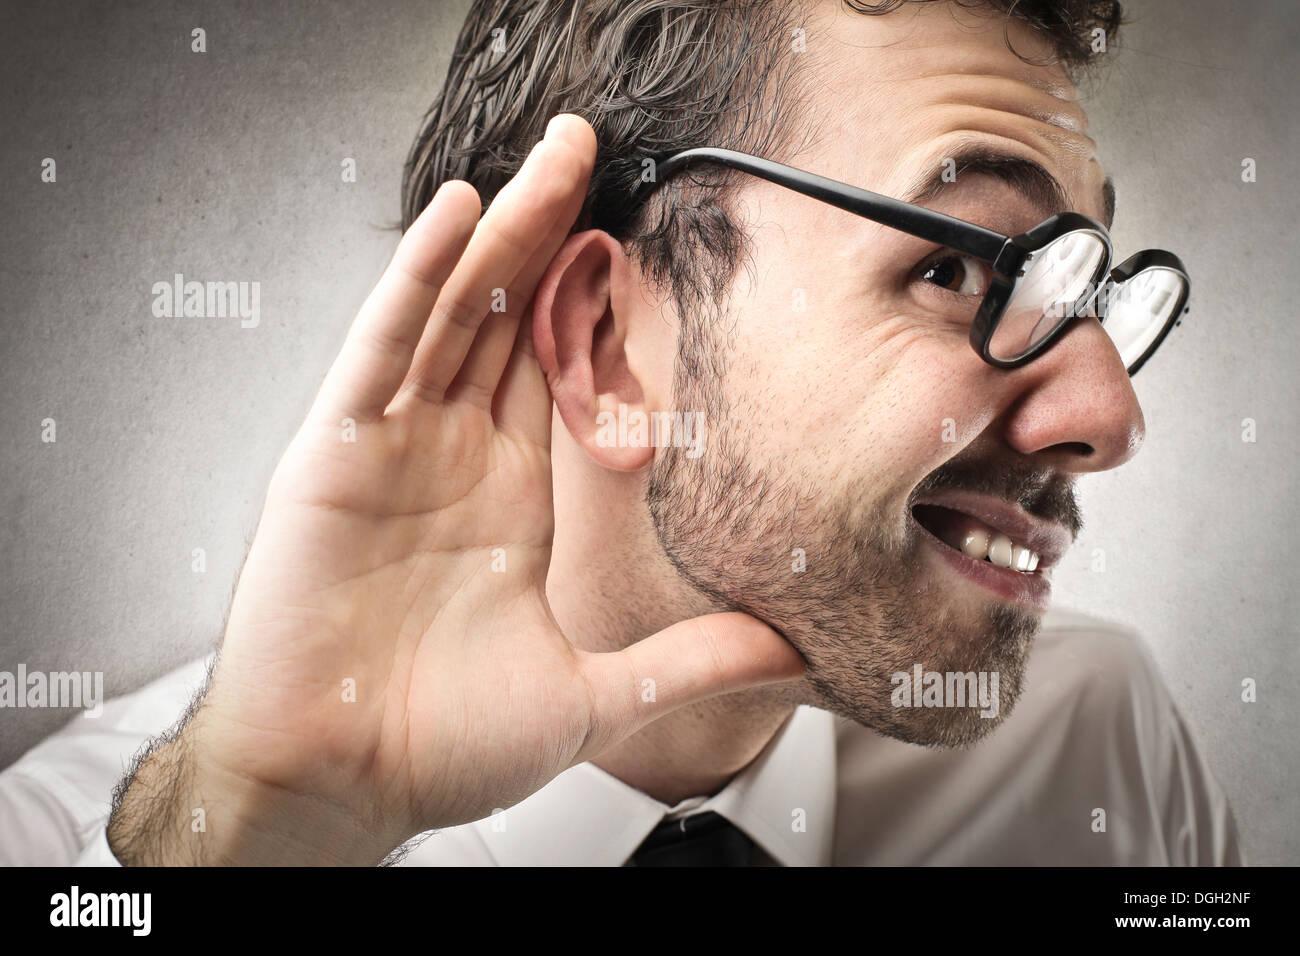 Lavoratore di ufficio con gli occhiali non riesce a sentire qualcuno Immagini Stock